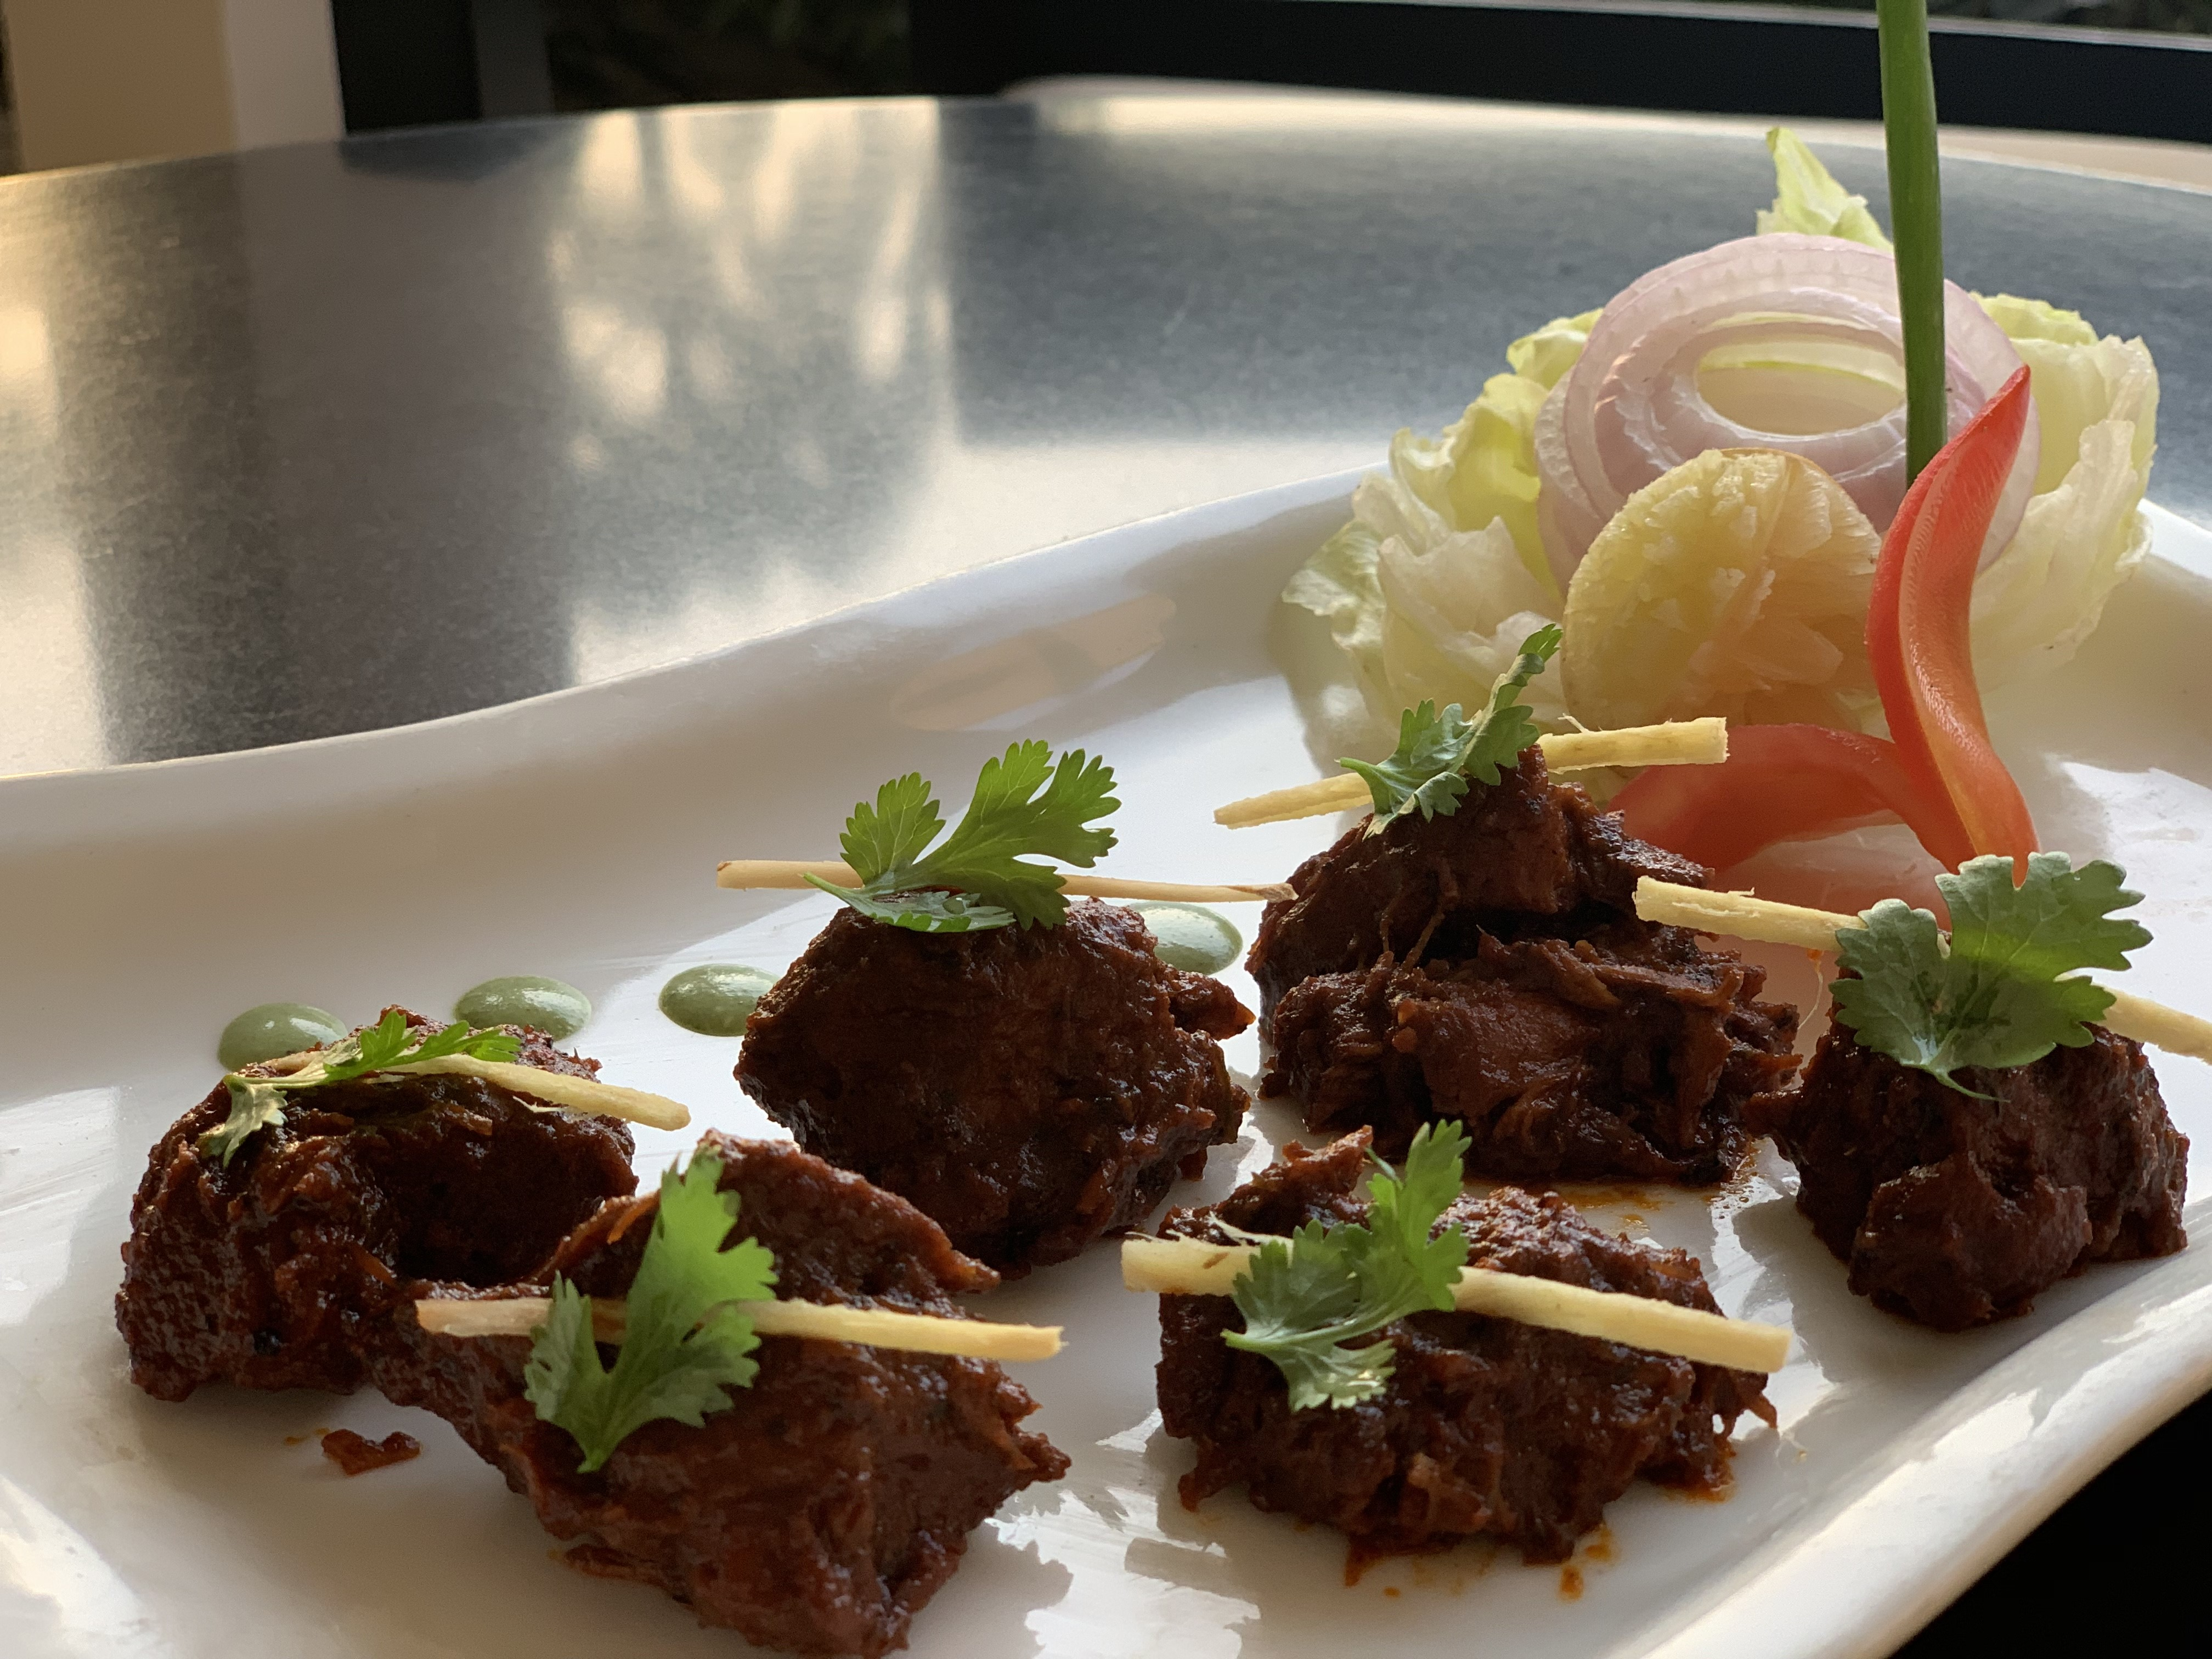 Recipe: Lagan ki boti, an Awadhi meat preparation